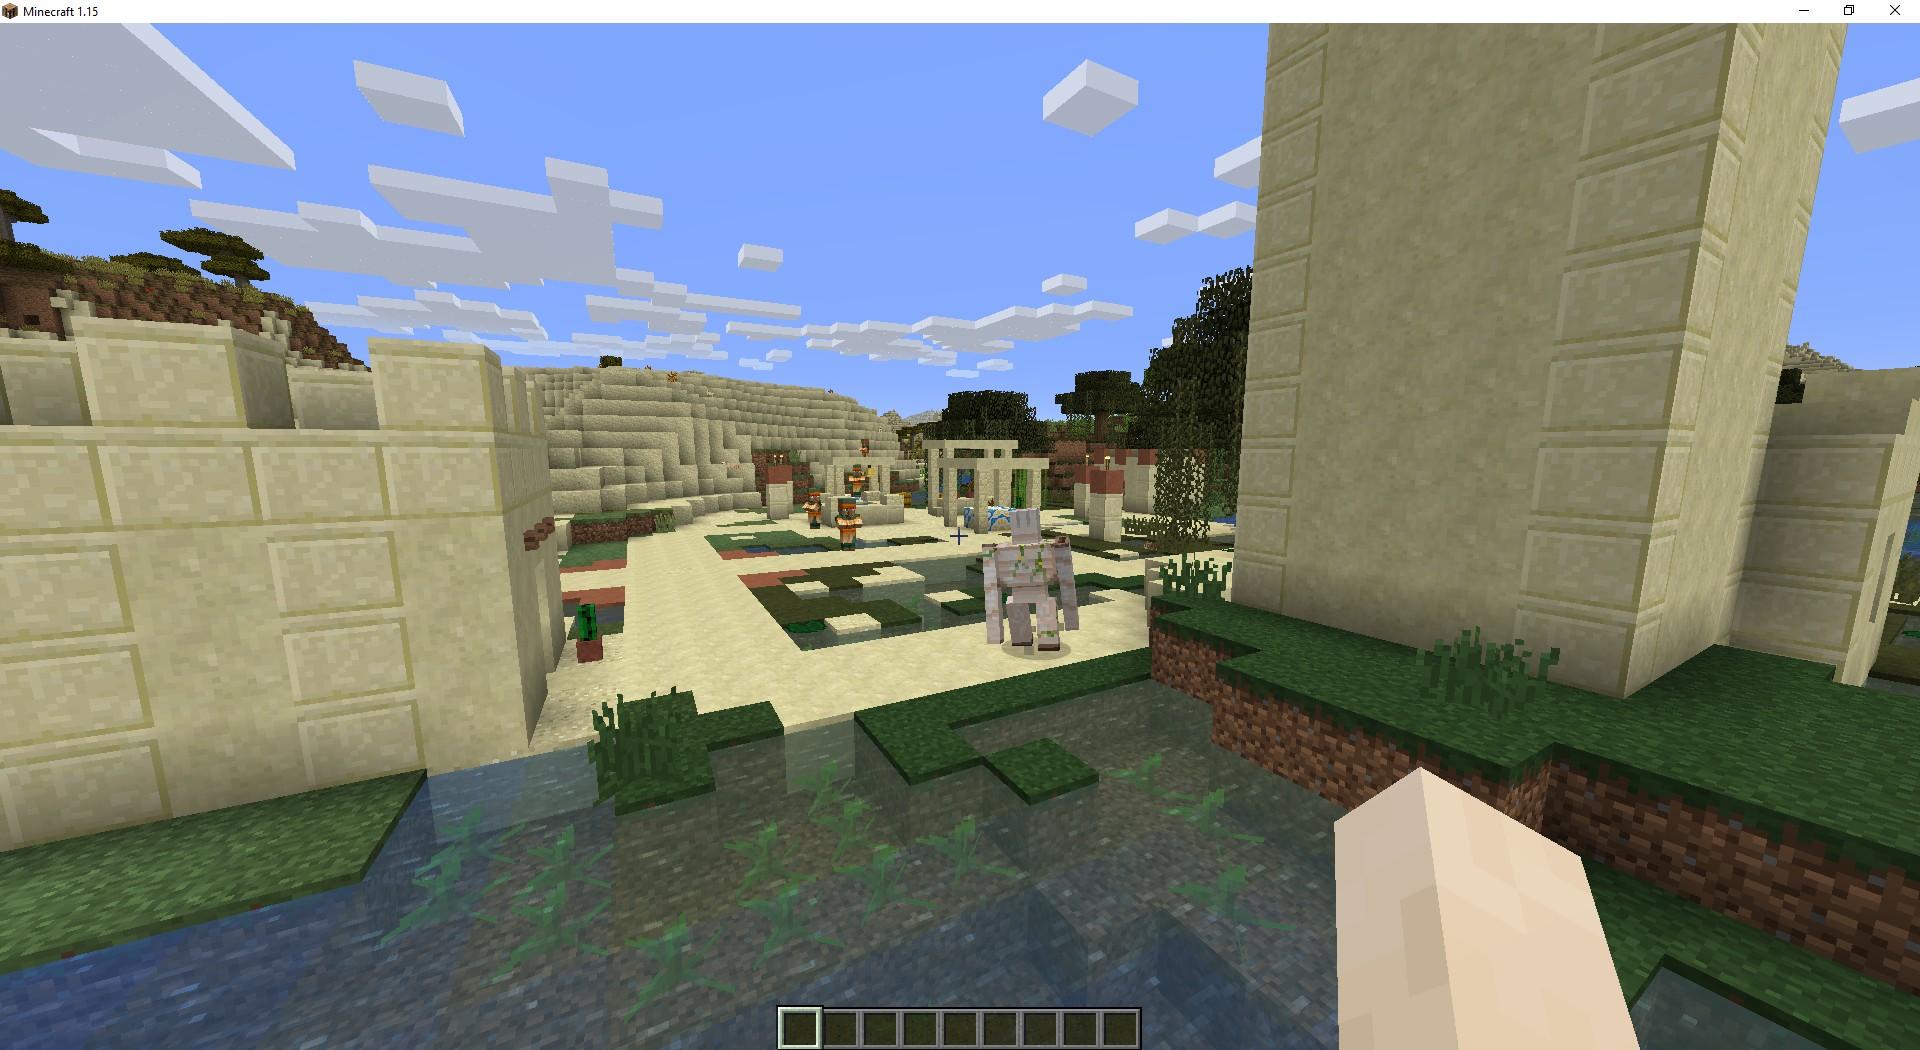 Сид «Деревня в пустыне и корабль» - скриншот 3